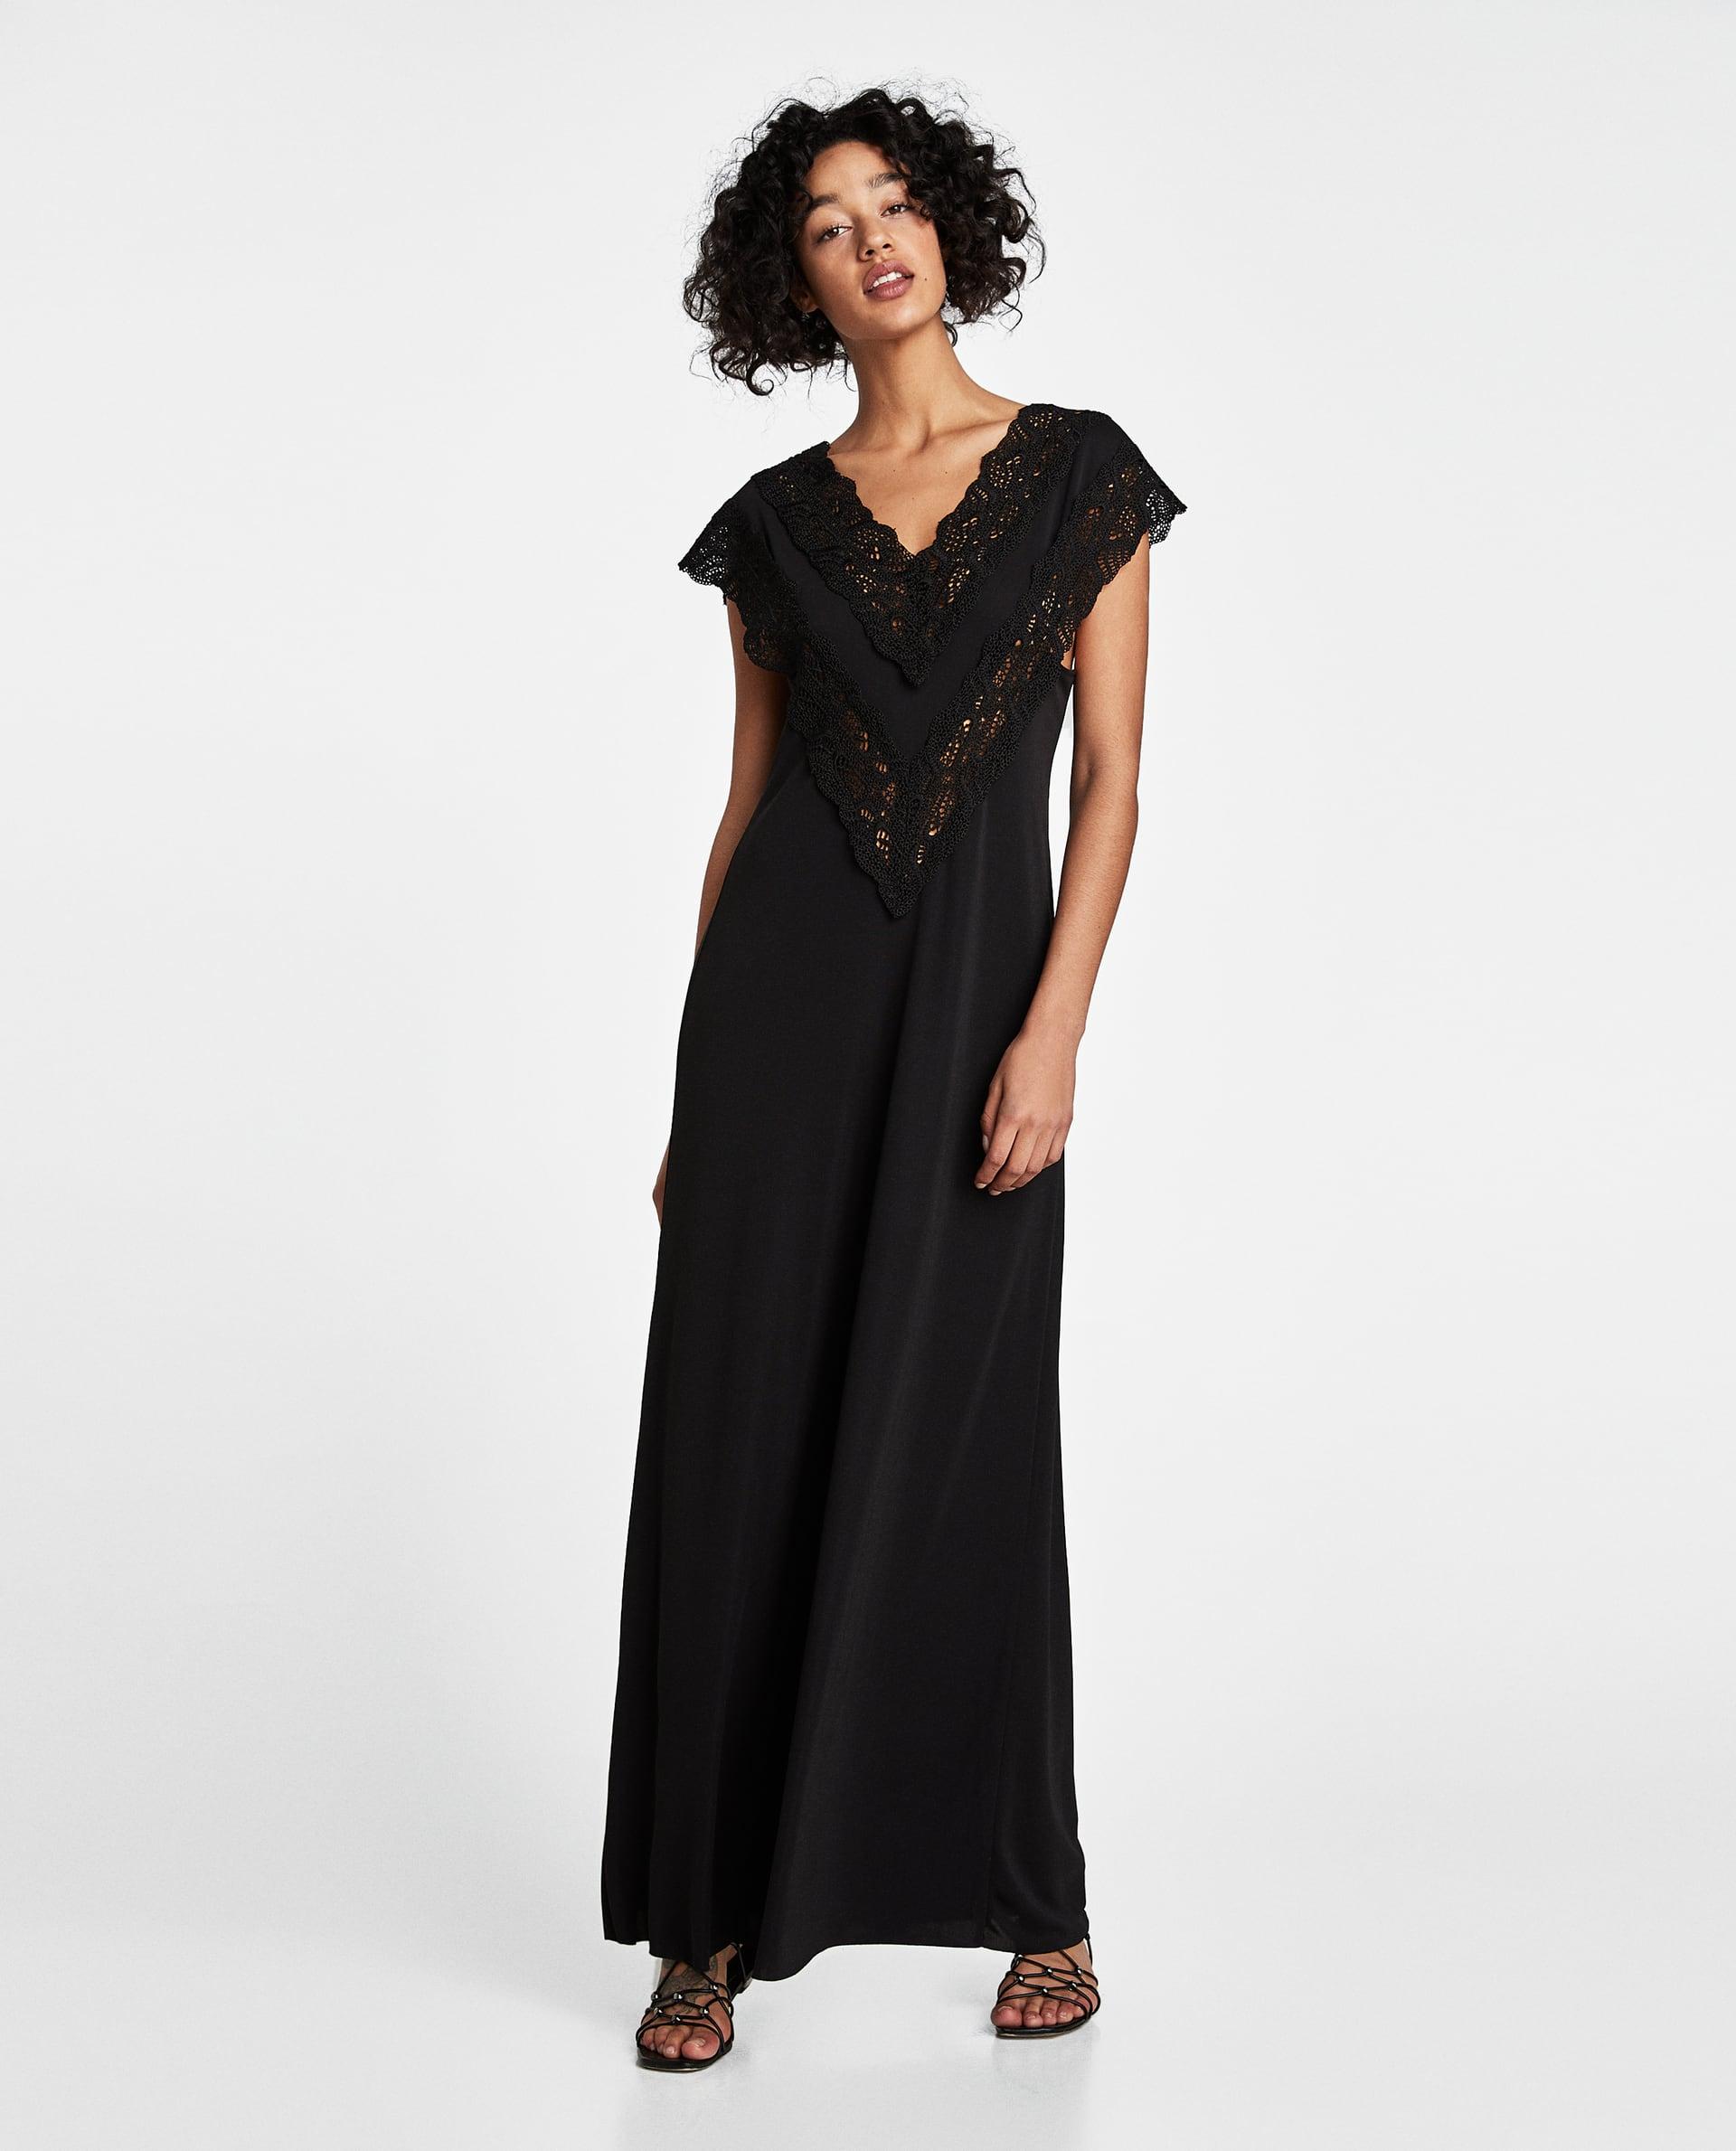 zara robe noire style lingerie